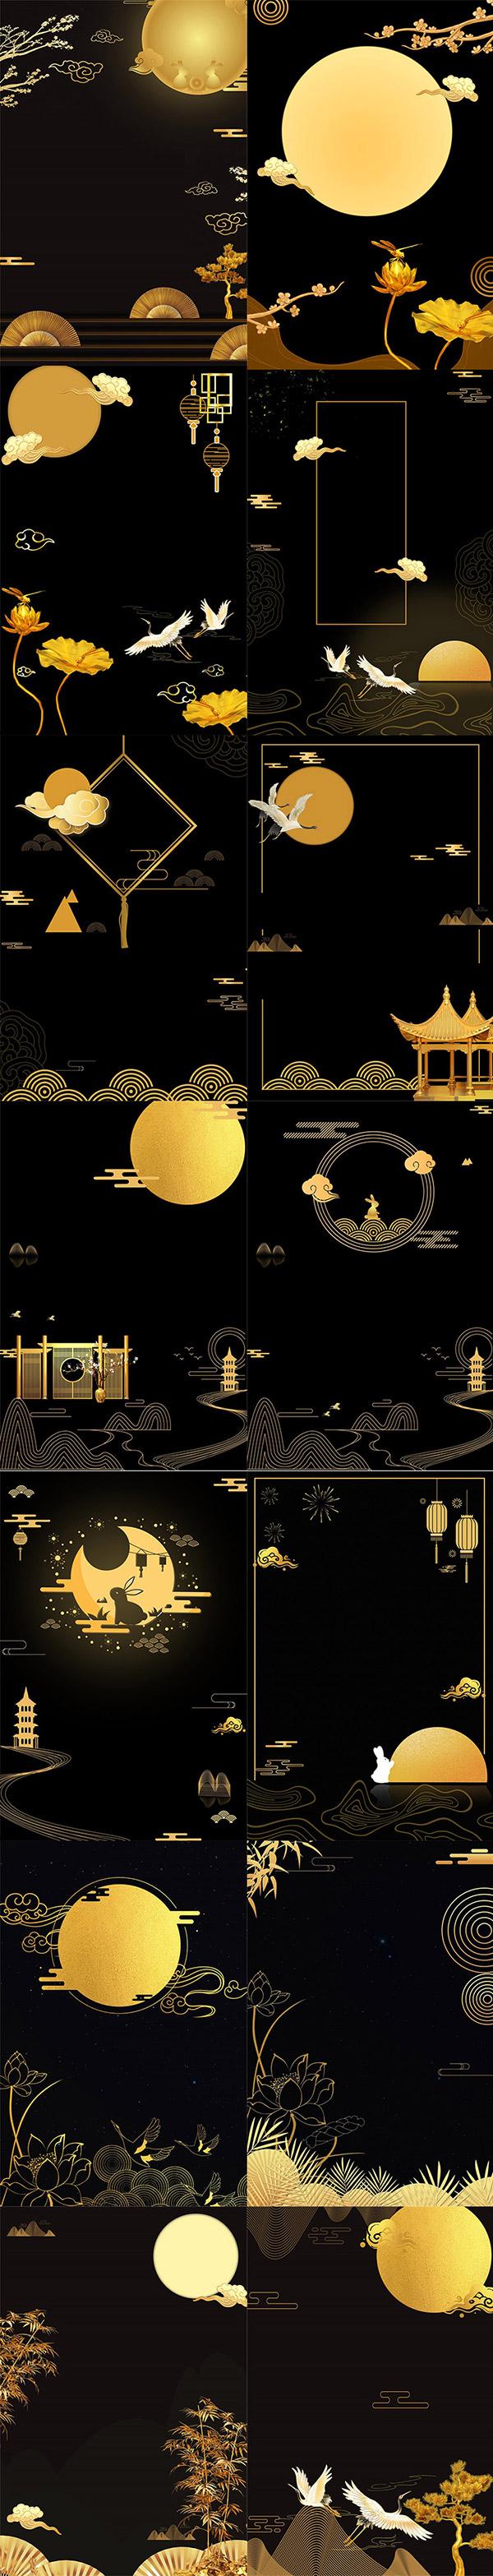 中秋节烫金黑金背景